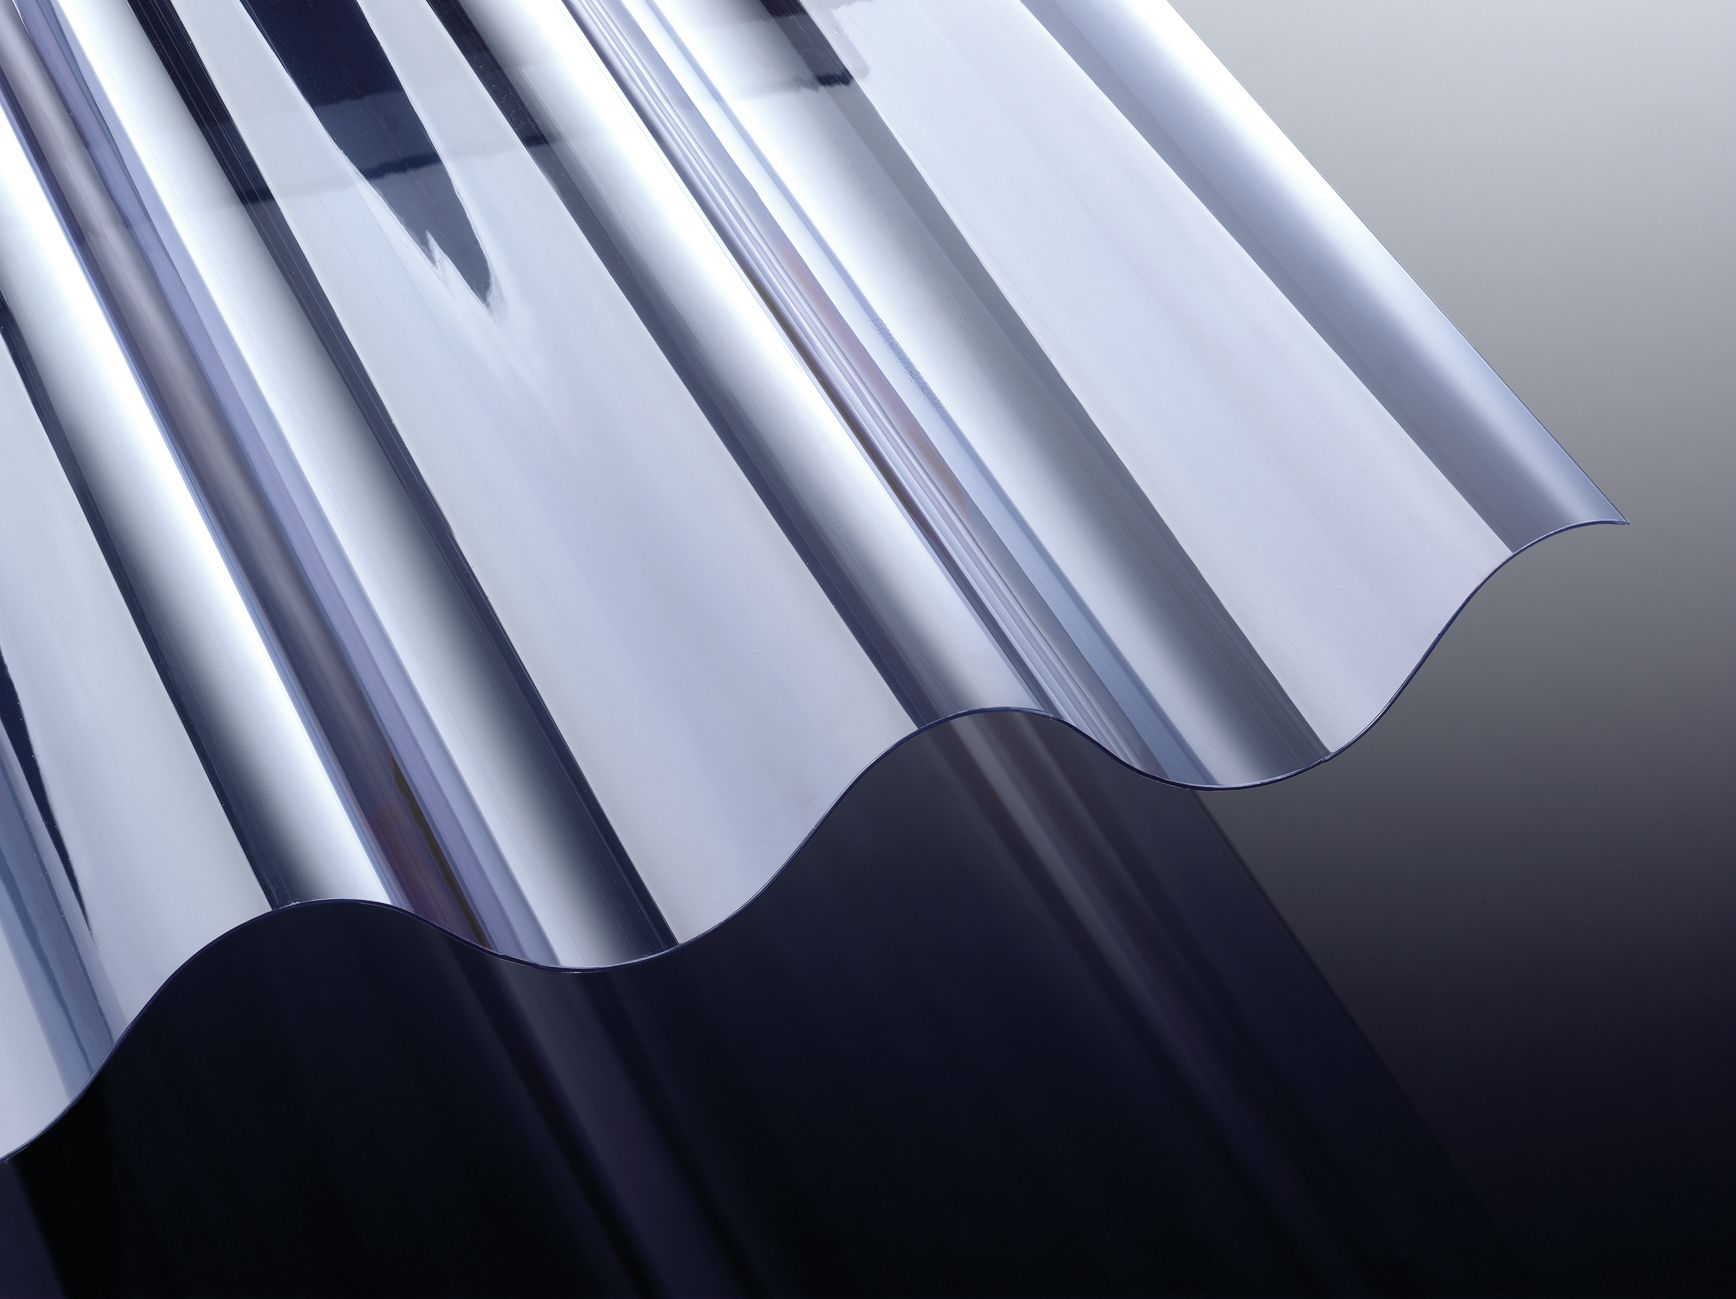 PVC Lichtplatten Profil 177/51 Welle 5 Glasklar 1,2/ 920 mm